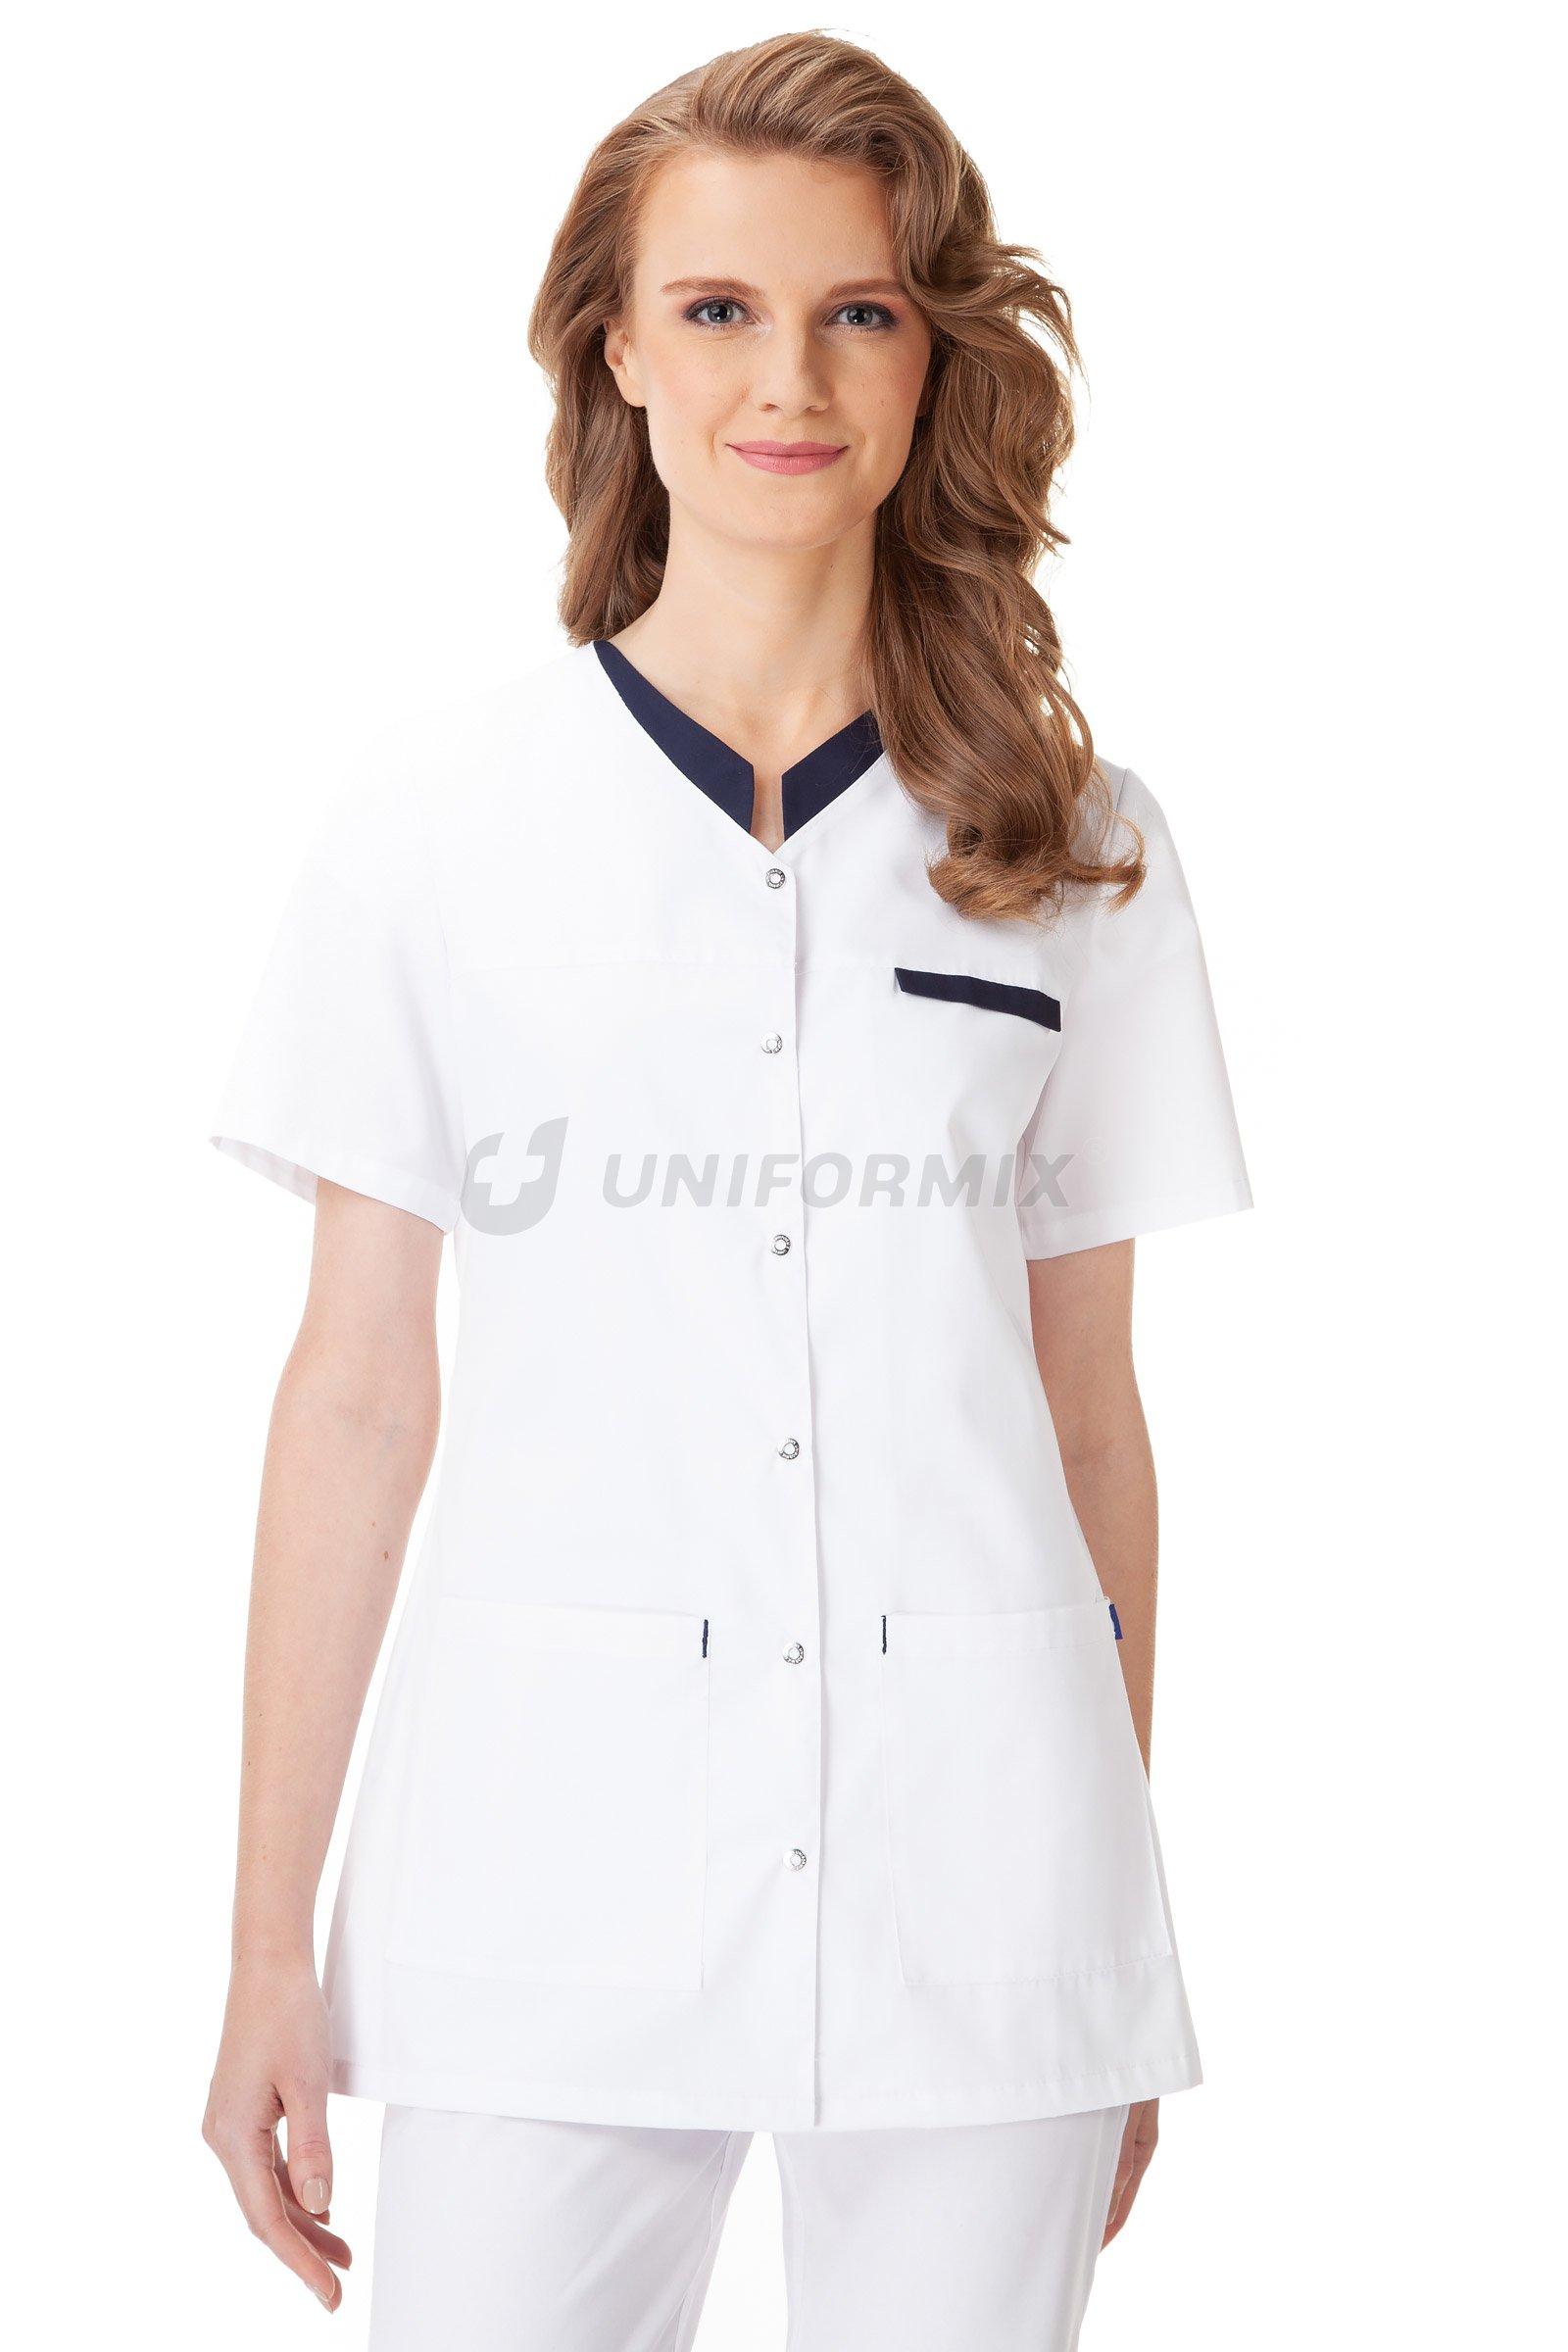 339a94534 Dámská Halena Uniformix. UN2044 bílý/tmavomodrý | Zdravotnické oděvy ...